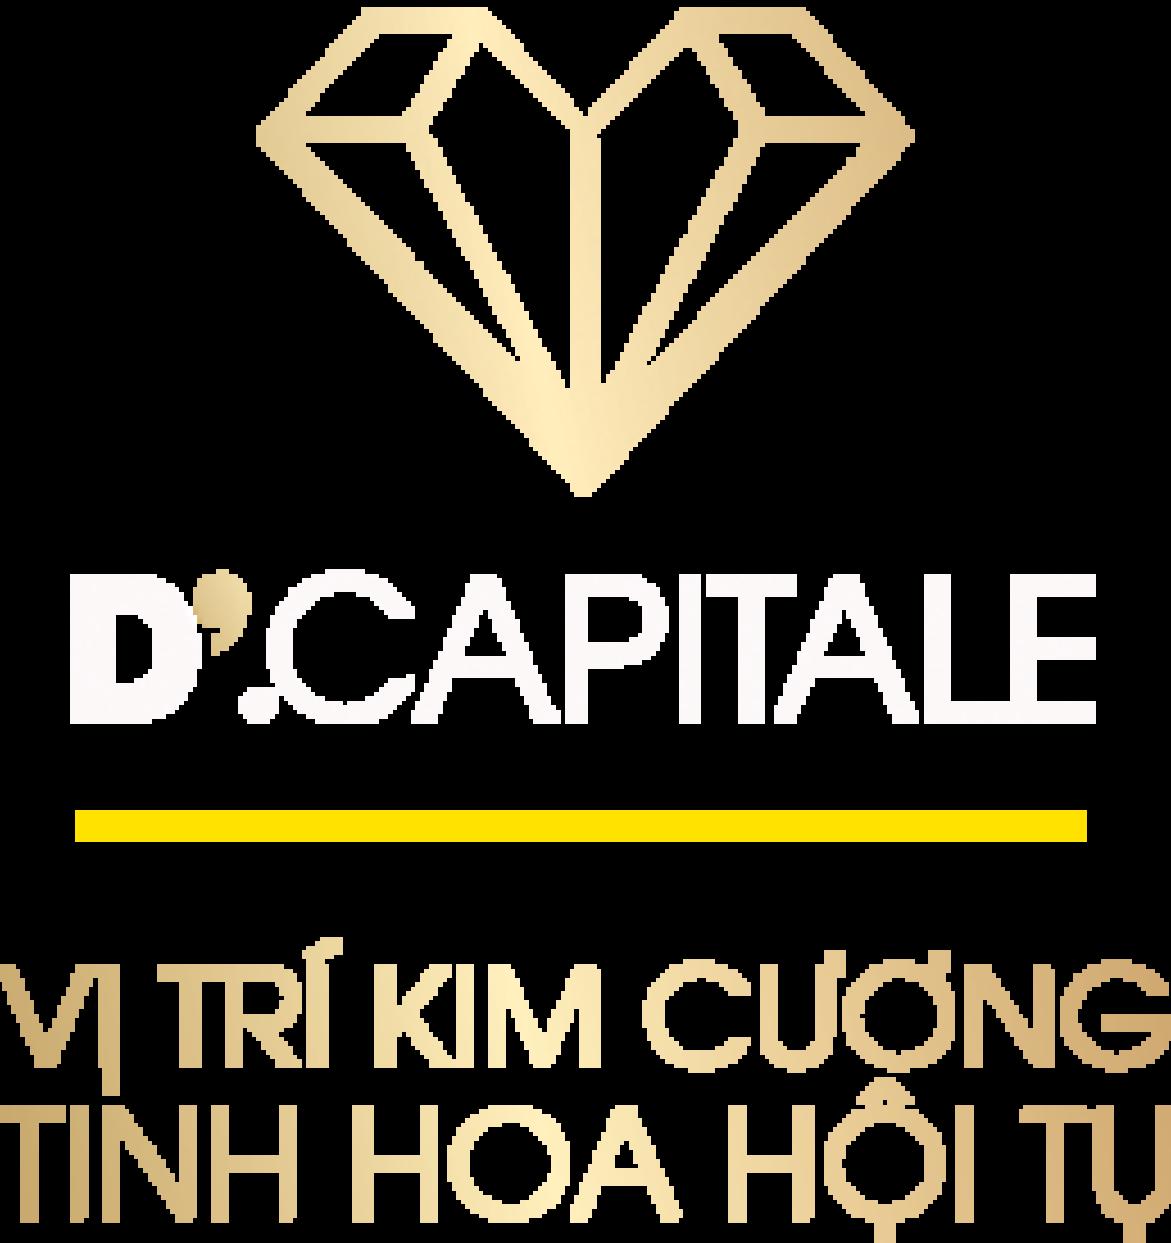 logo Vinhomes Trần DUy Hưng